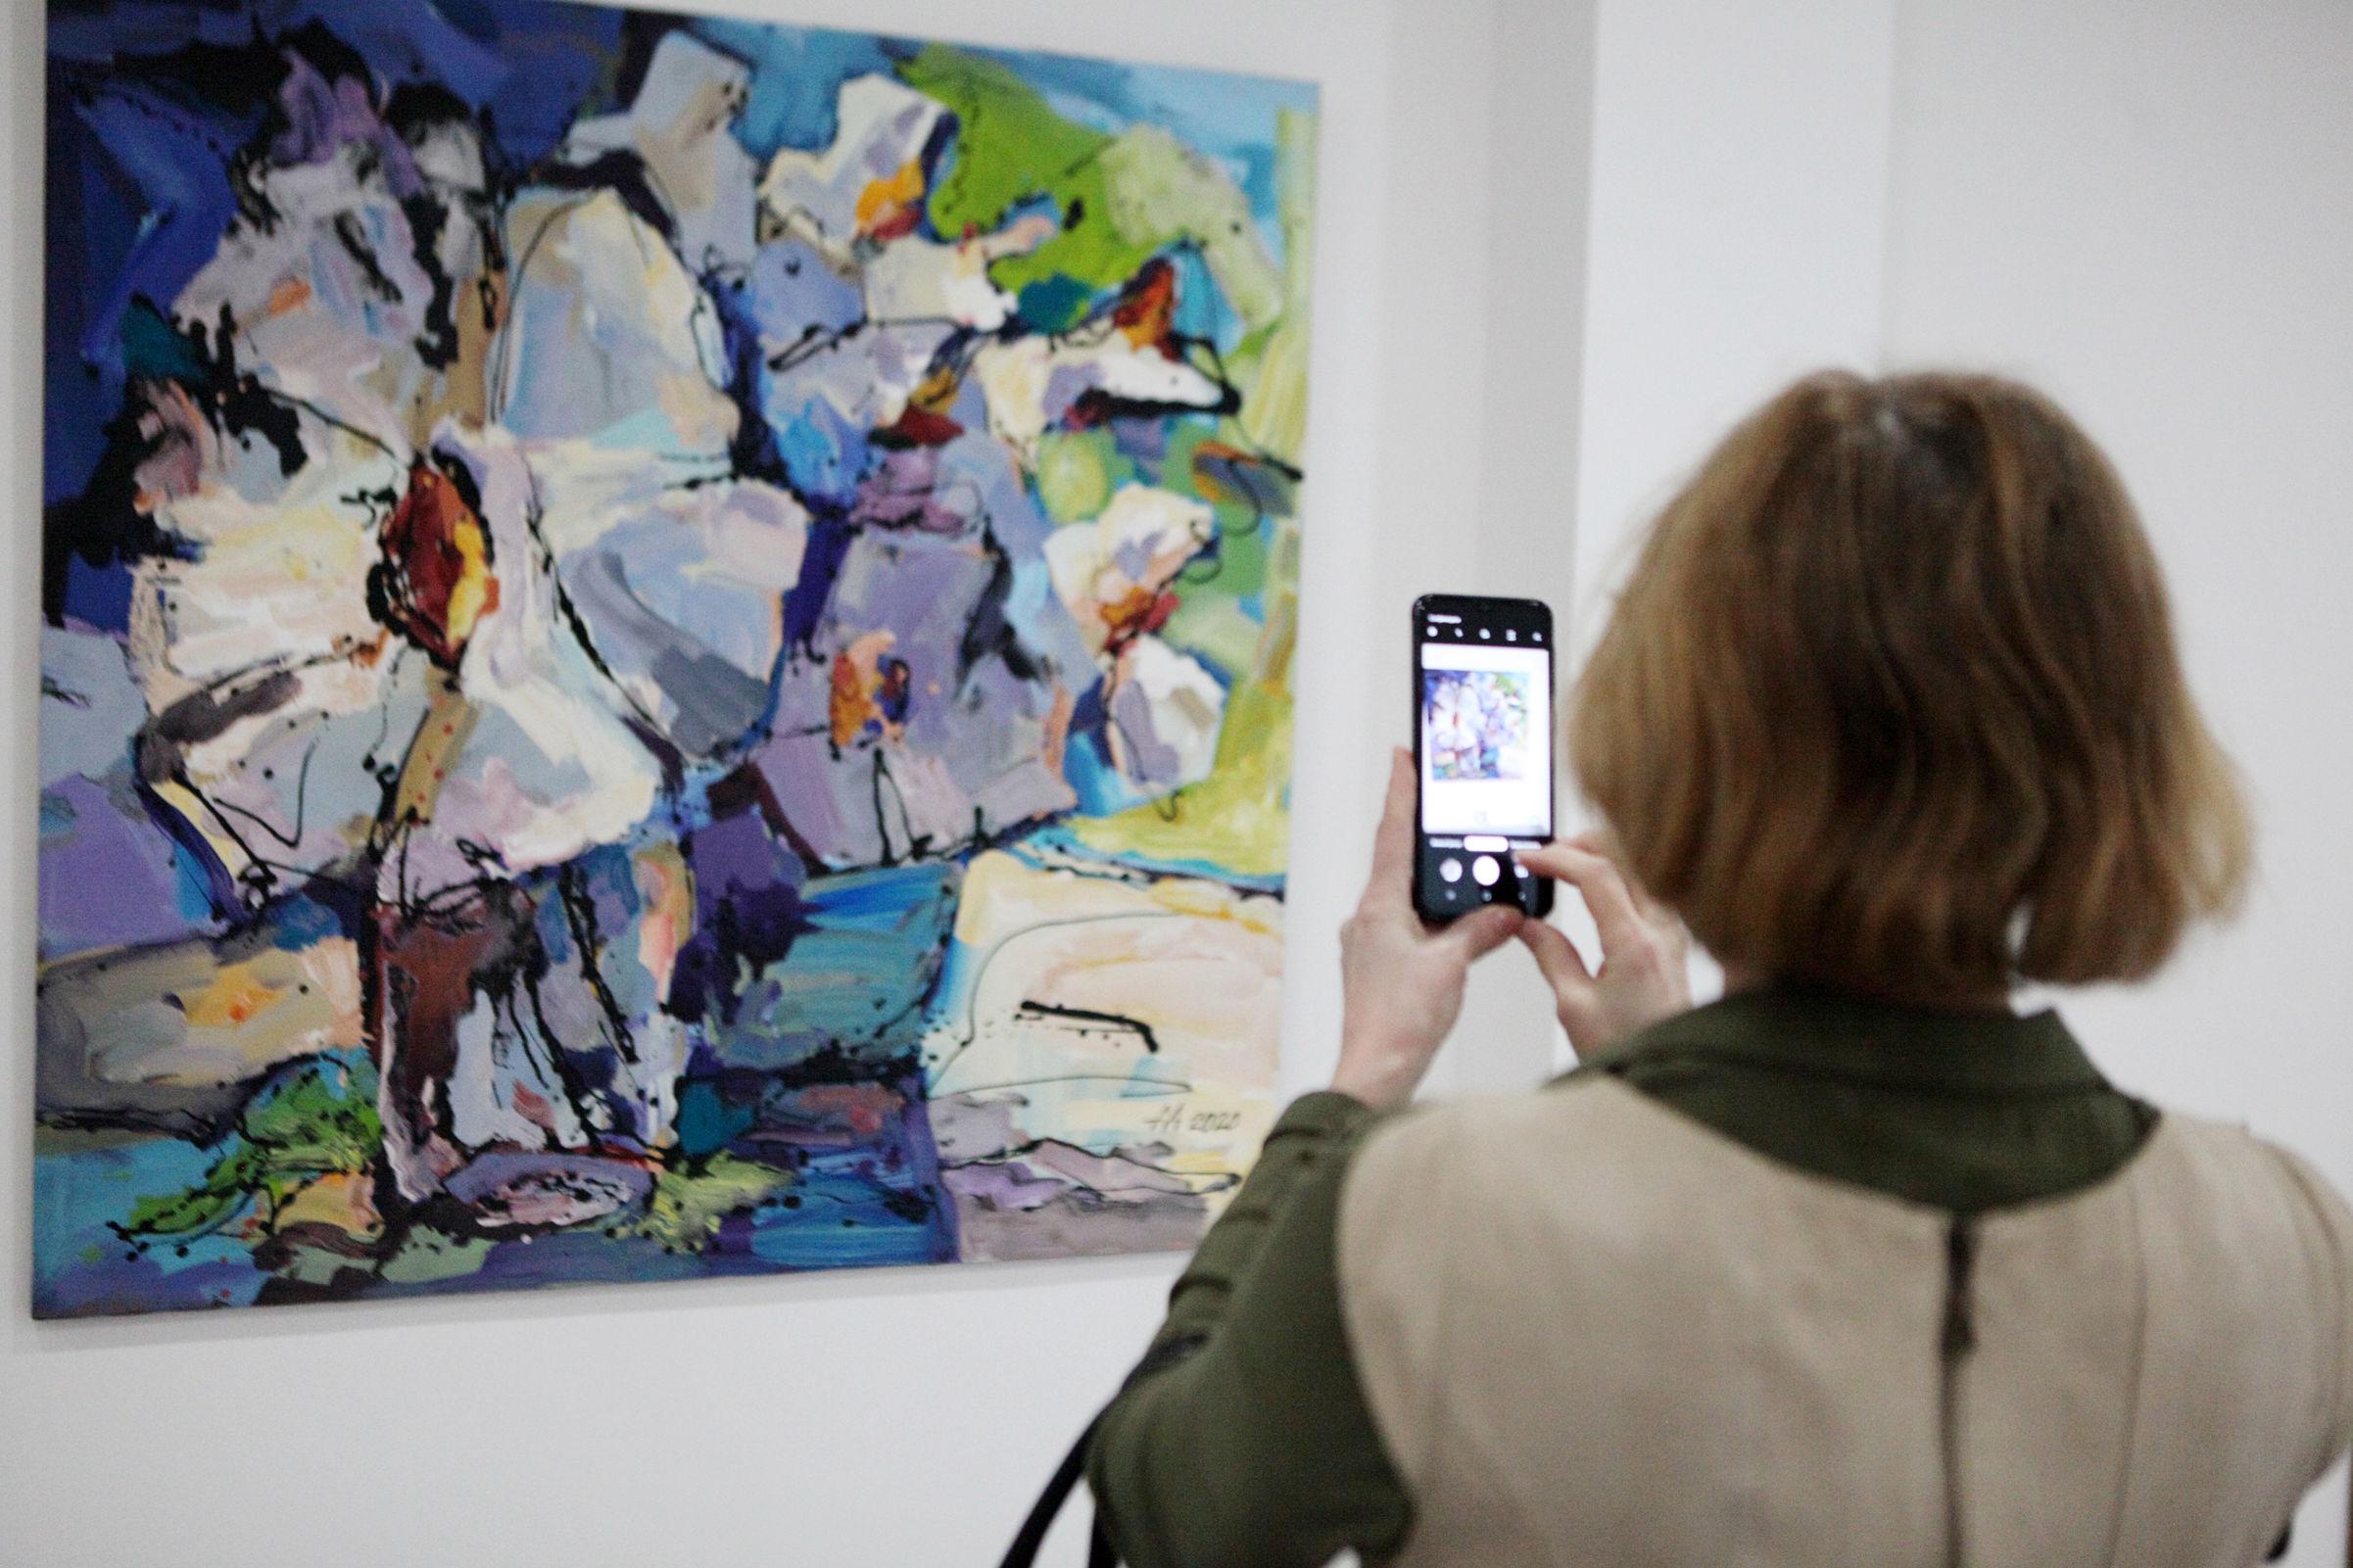 Создатель витража Терешковой открыл персональную выставку в КЗЦ: фото